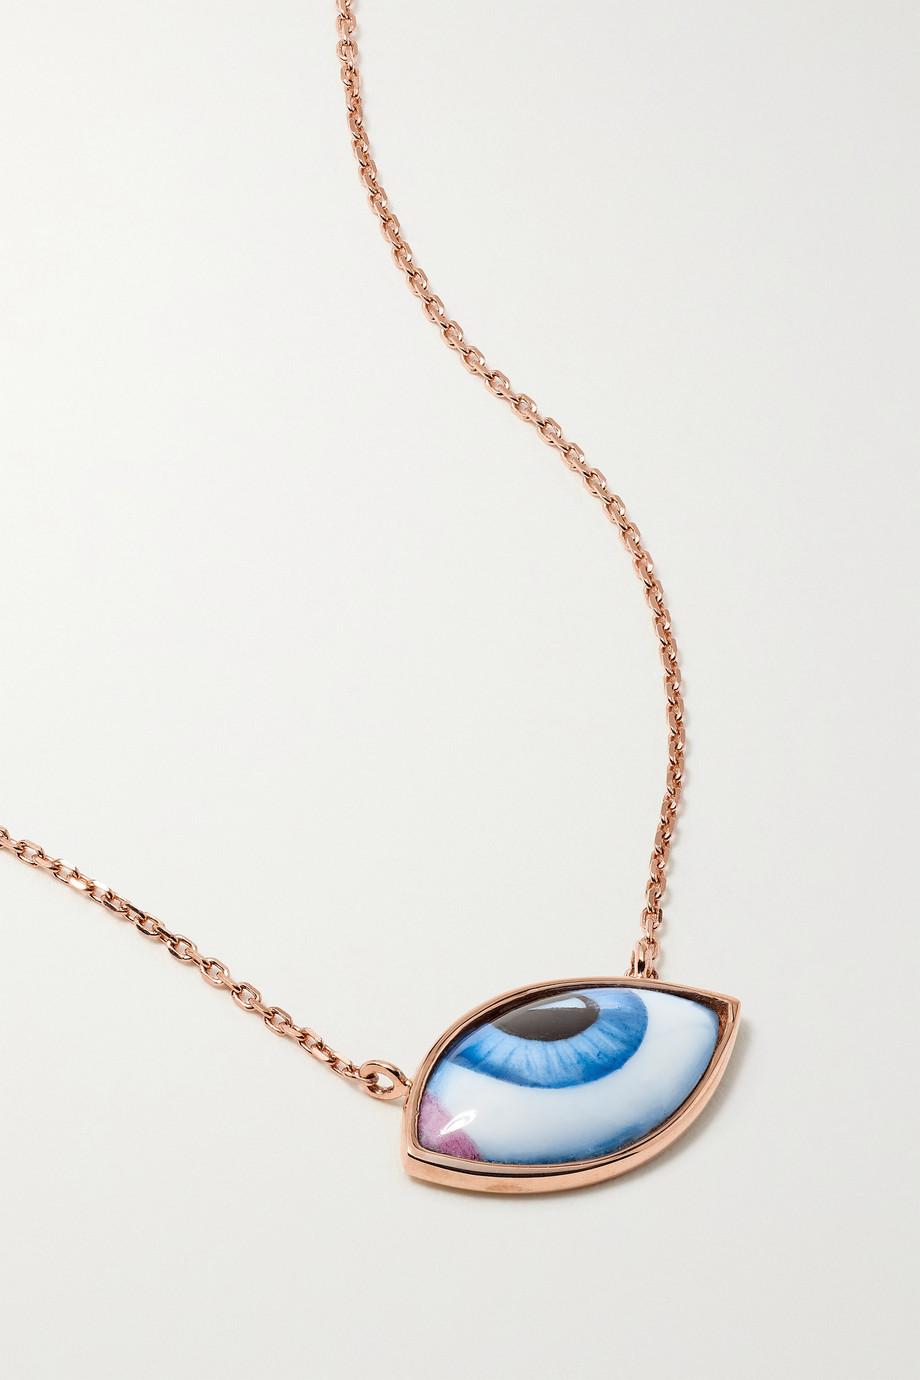 Lito Petit Bleu Kette aus 14 Karat Roségold mit Emaille